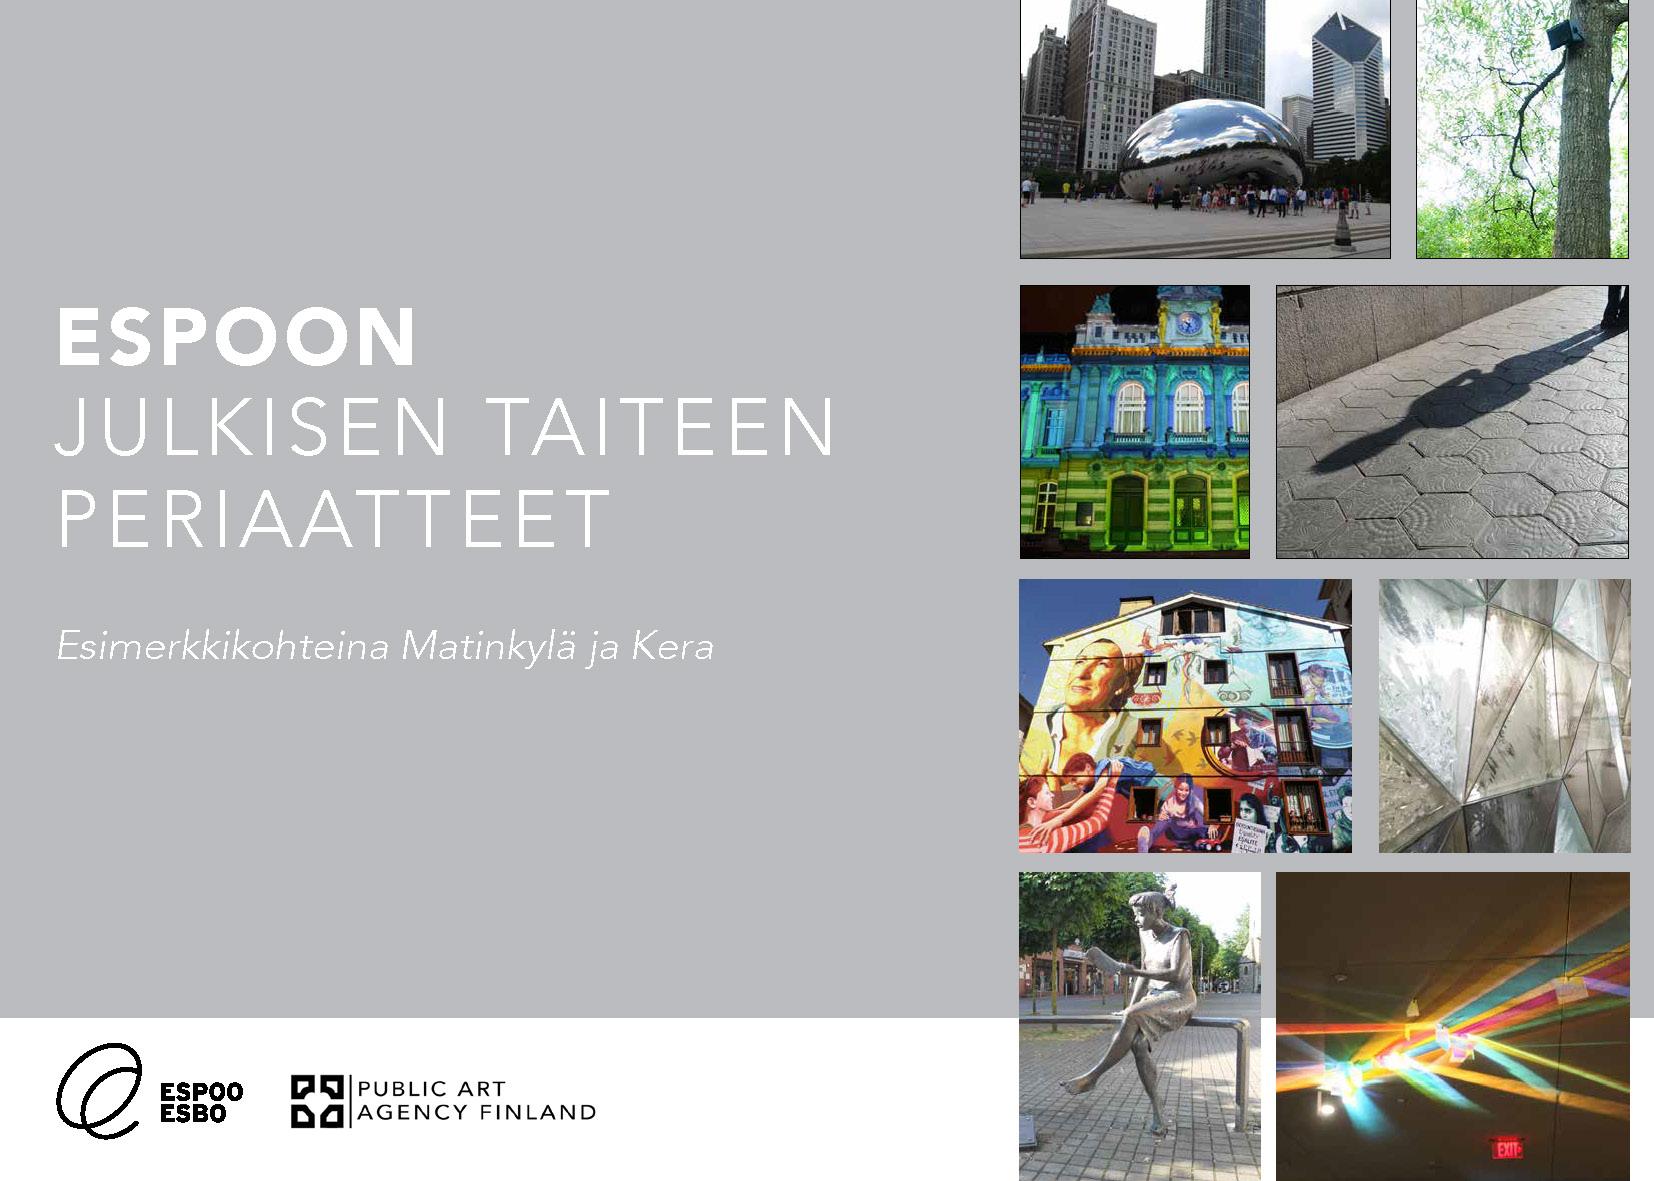 Espoon julkisen taiteen periaatteet_2019-5-3_WEB-koko_Page_01.jpg